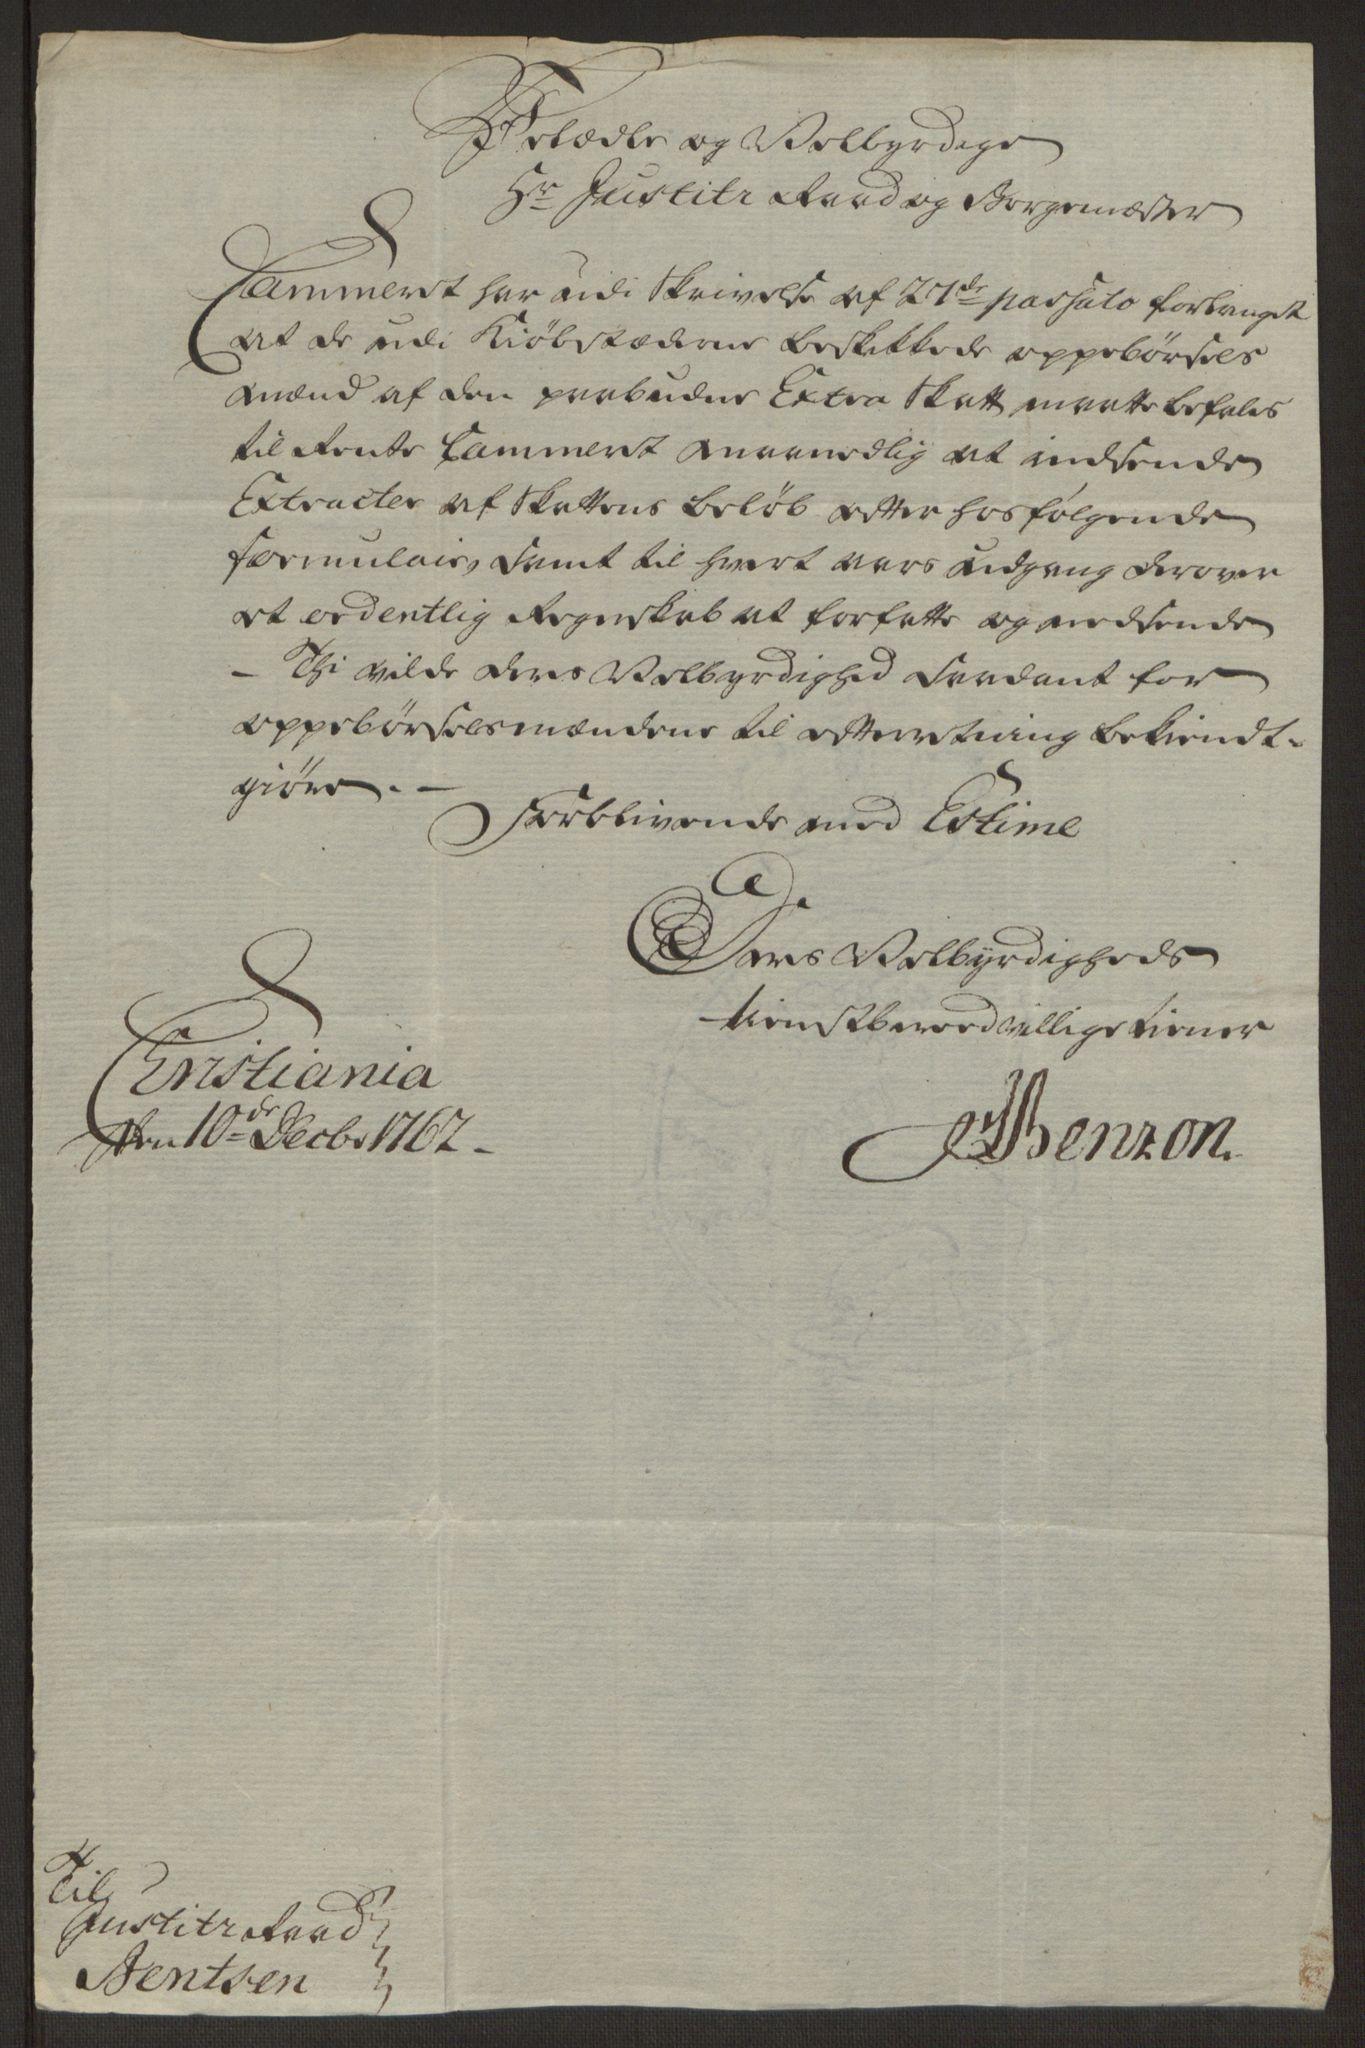 RA, Rentekammeret inntil 1814, Reviderte regnskaper, Byregnskaper, R/Rj/L0198: [J4] Kontribusjonsregnskap, 1762-1768, s. 172